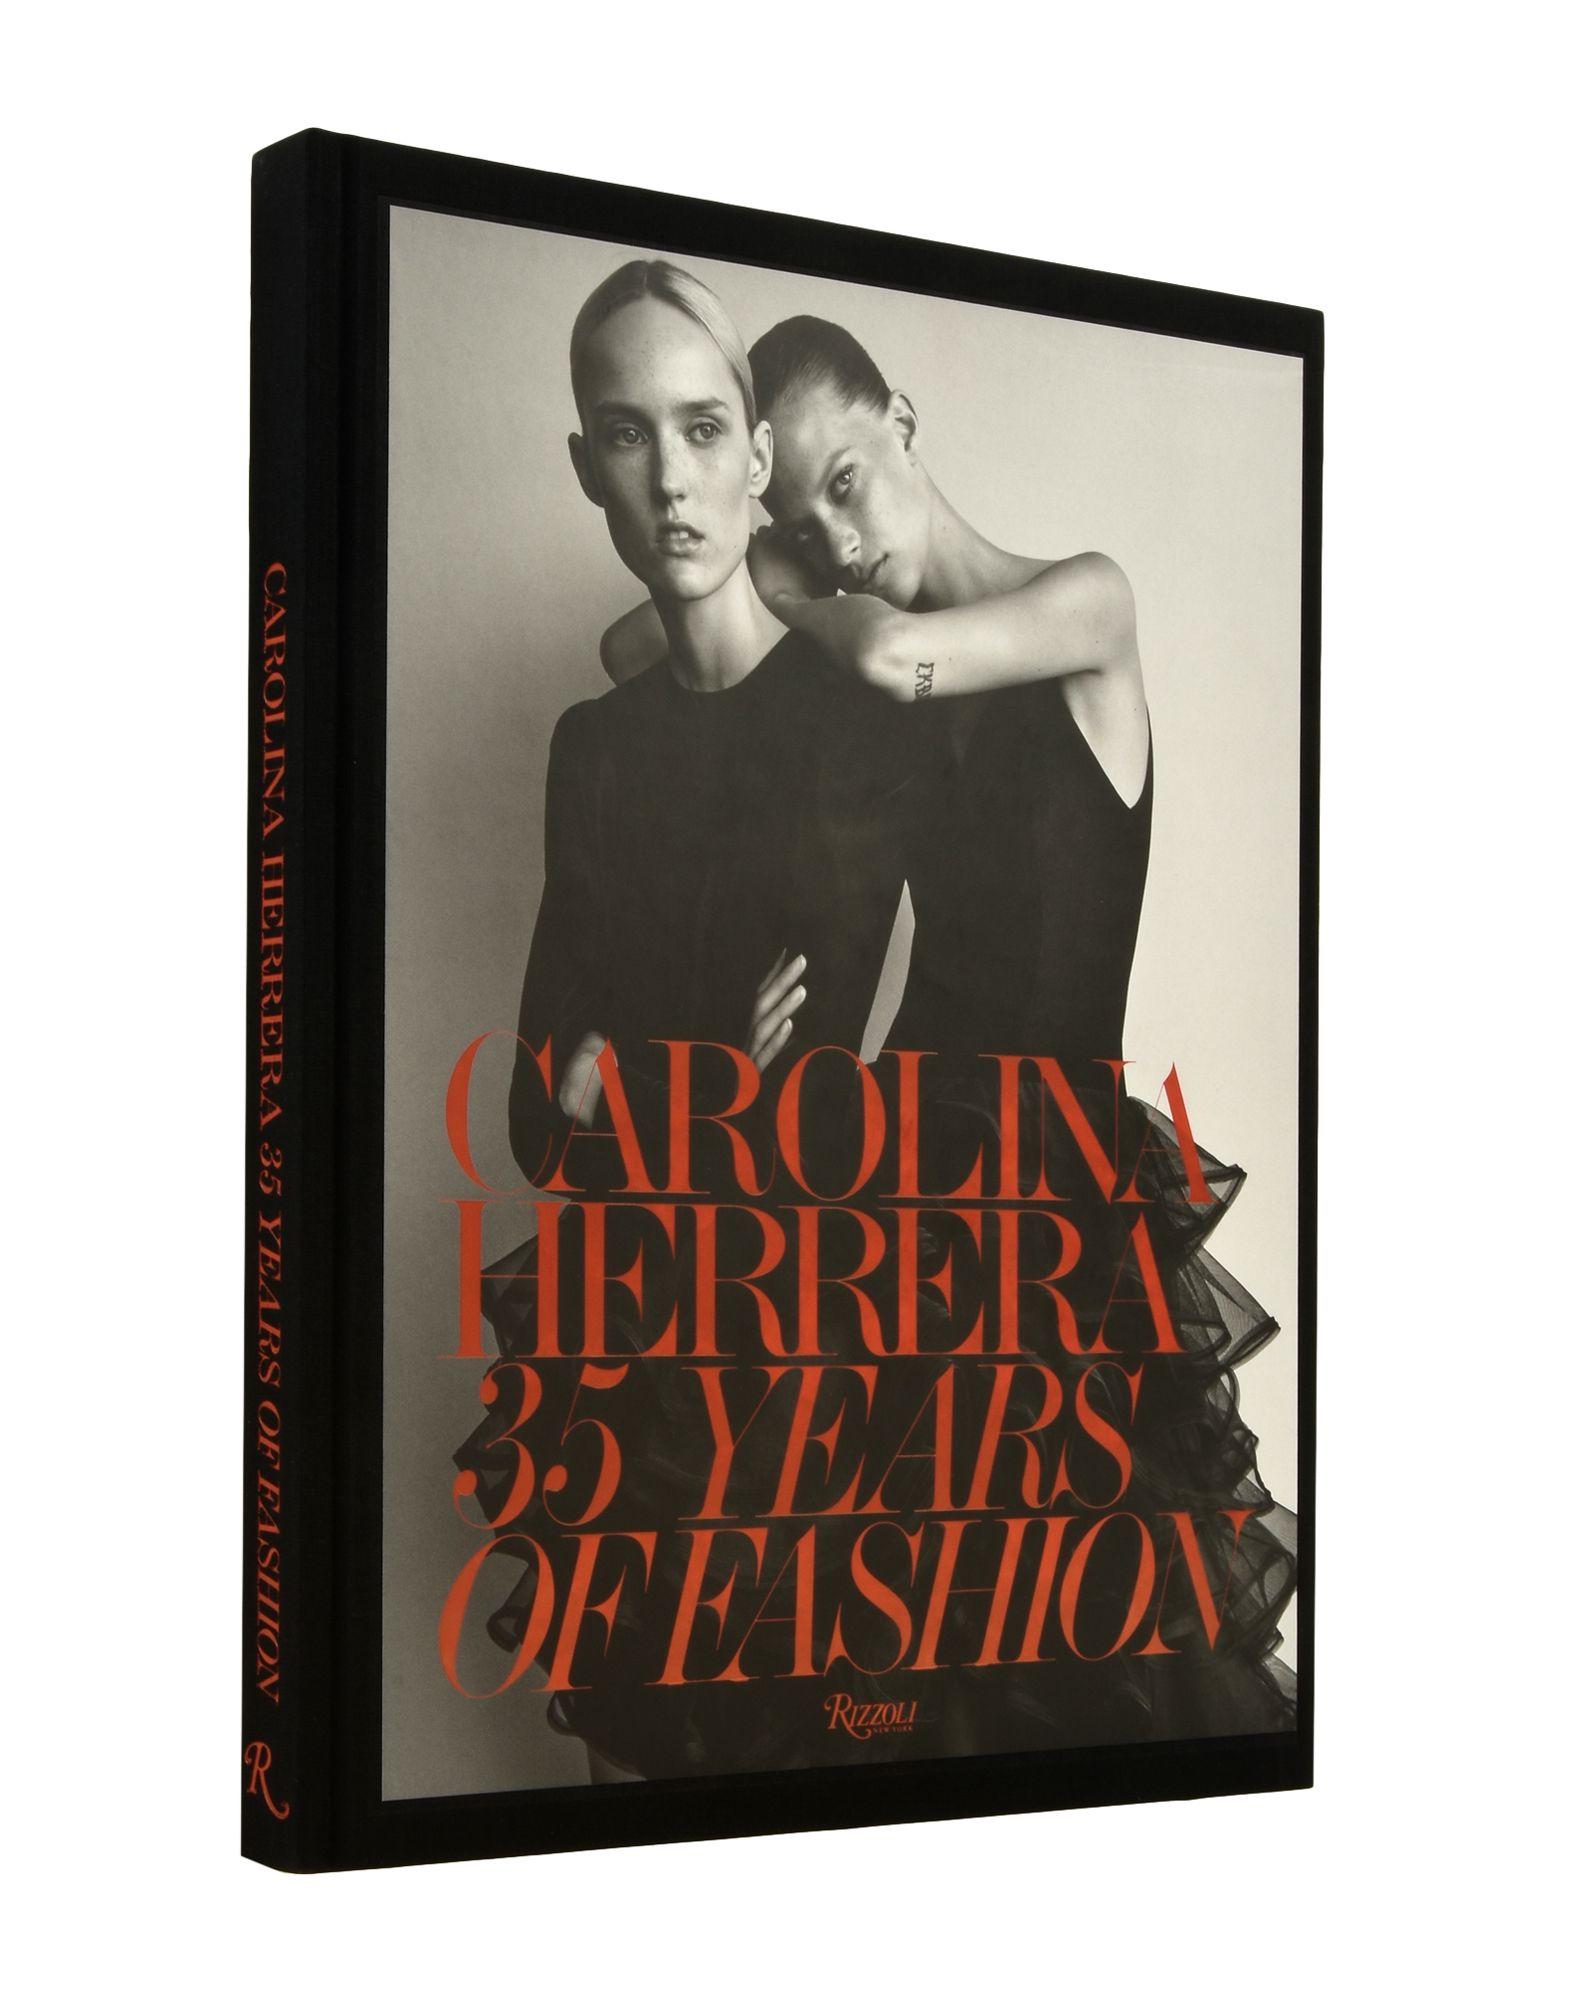 Carolina-Herrera-35-Years-of-Fashion-Cover-Book-01.jpg